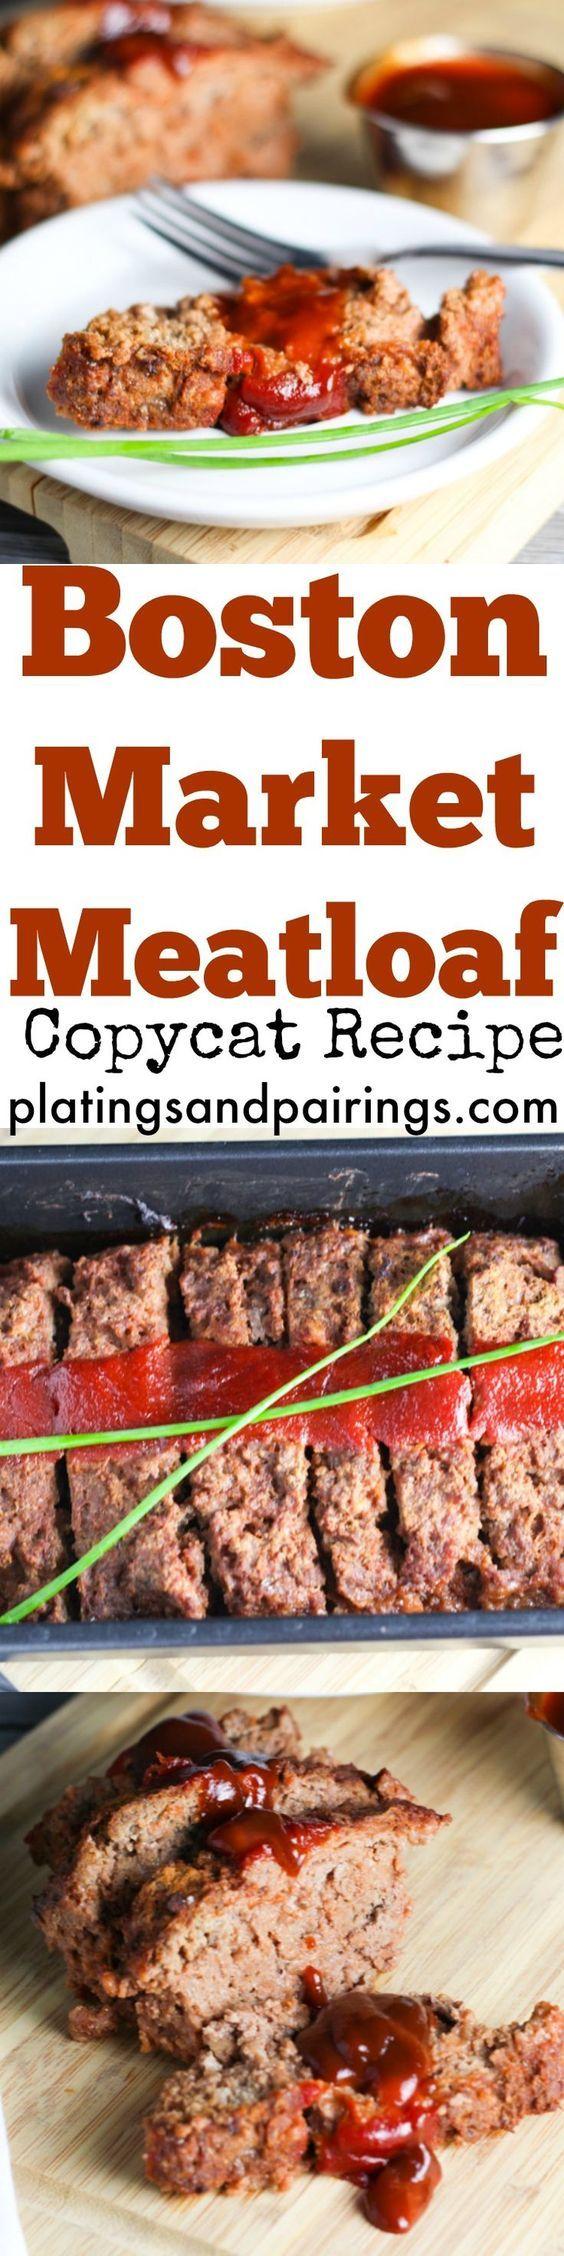 Boston Market Meatloaf - Top Secret